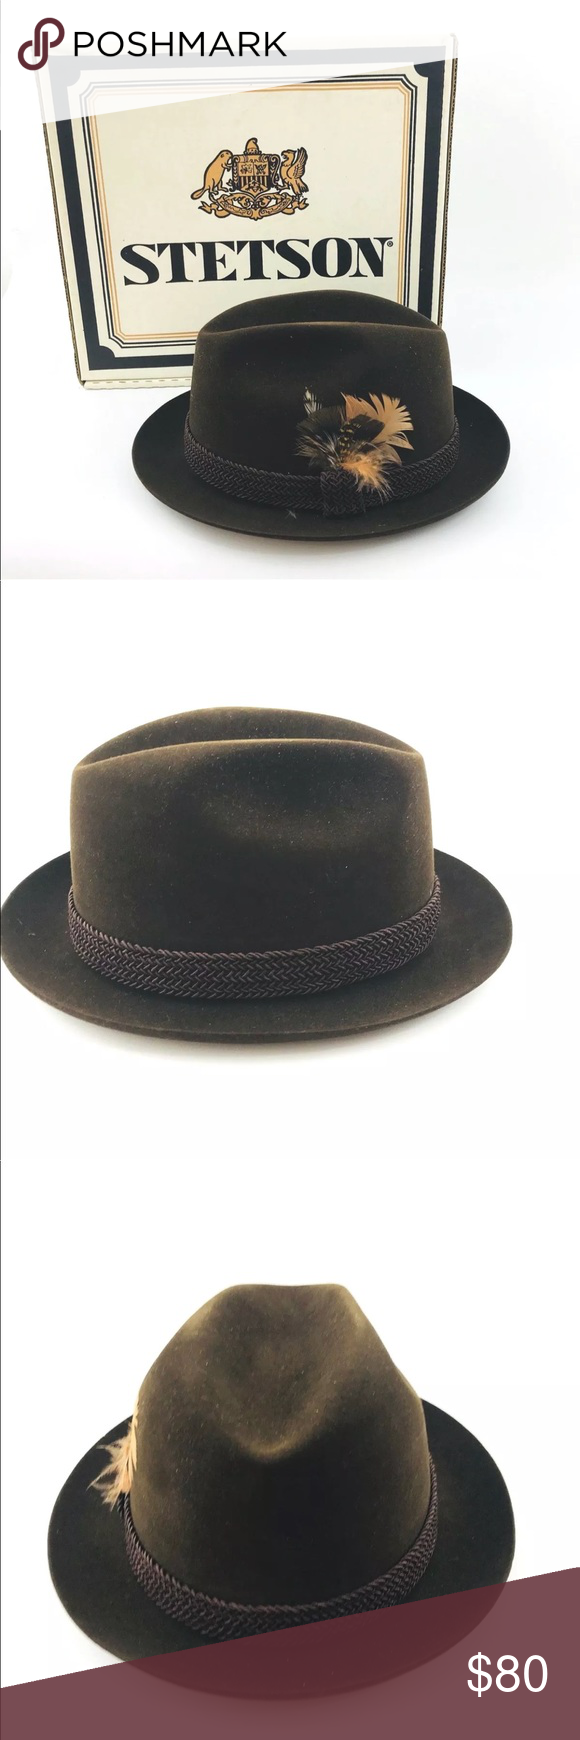 2b6bc63853e Stetson Key Club Fedora Hat The Imperial STETSON KEY CLUB FEDORA HAT Size 7  1 4 The Imperial